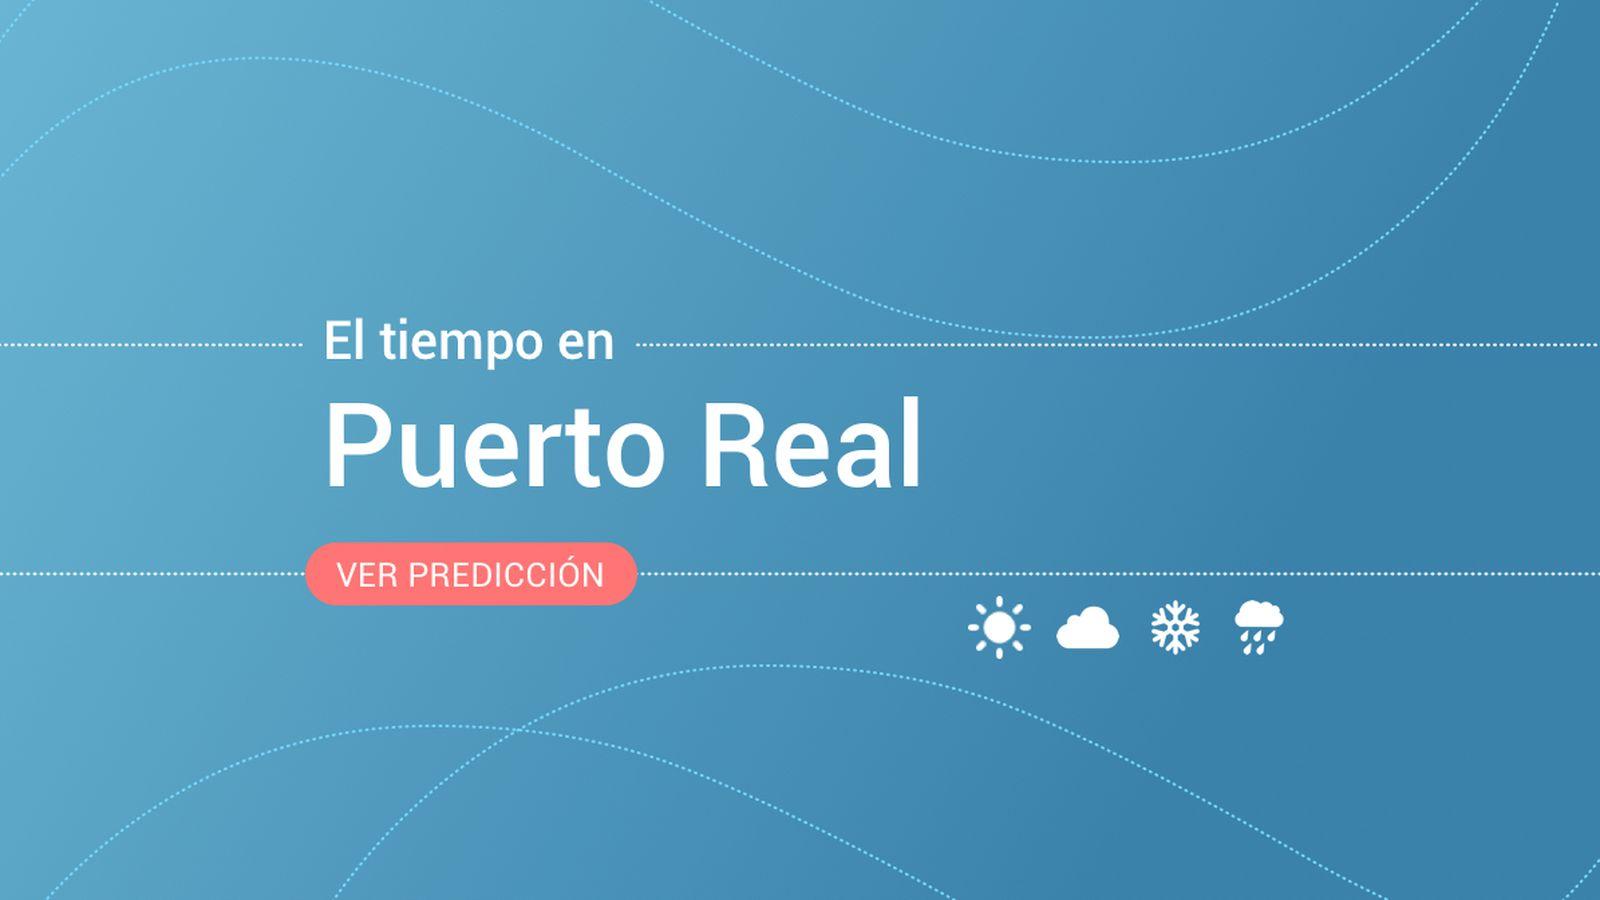 Foto: El tiempo en Puerto Real. (EC)